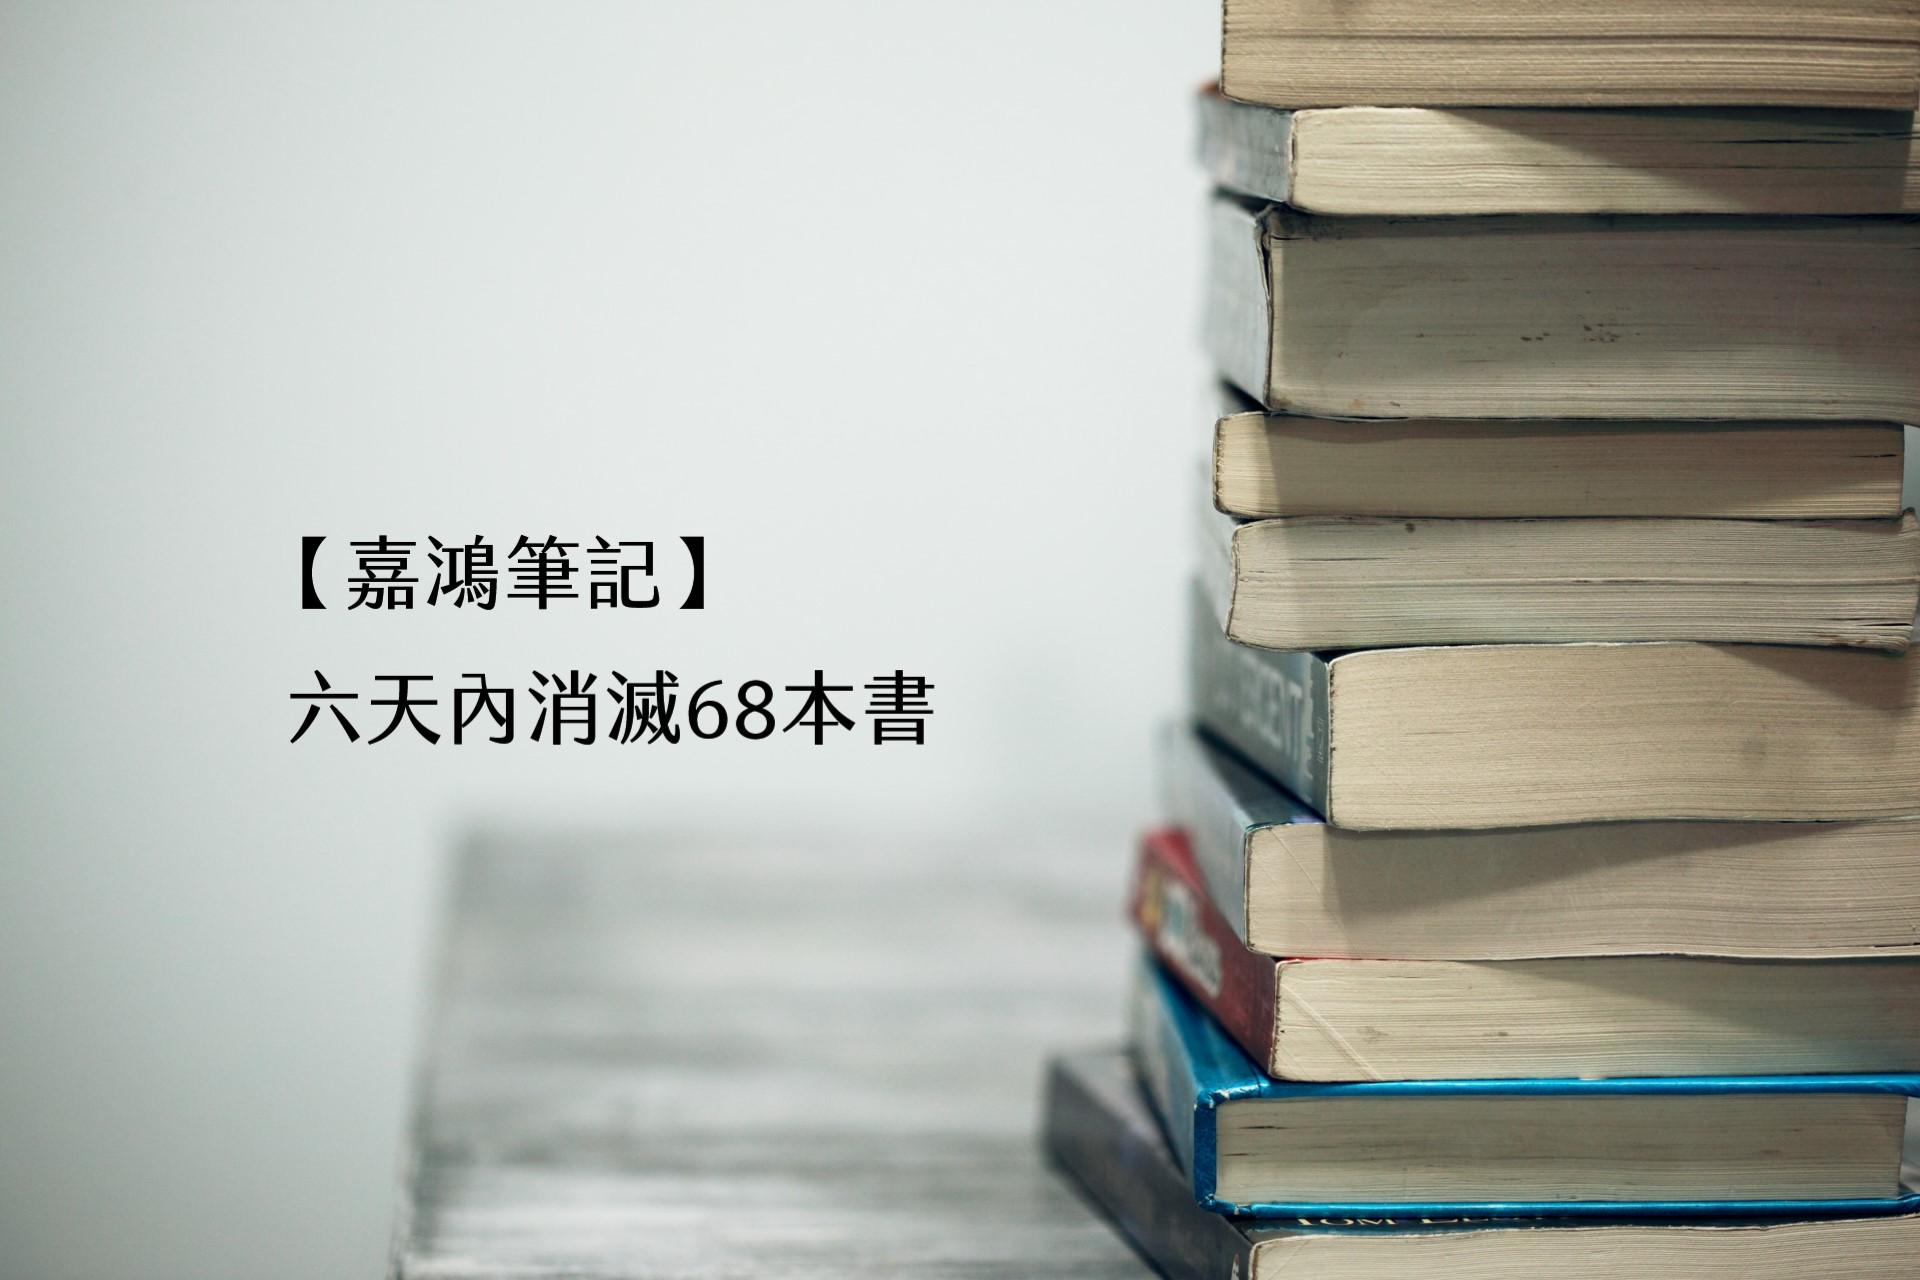 【嘉鴻筆記】快速讀書法-六天內消滅68本書 2